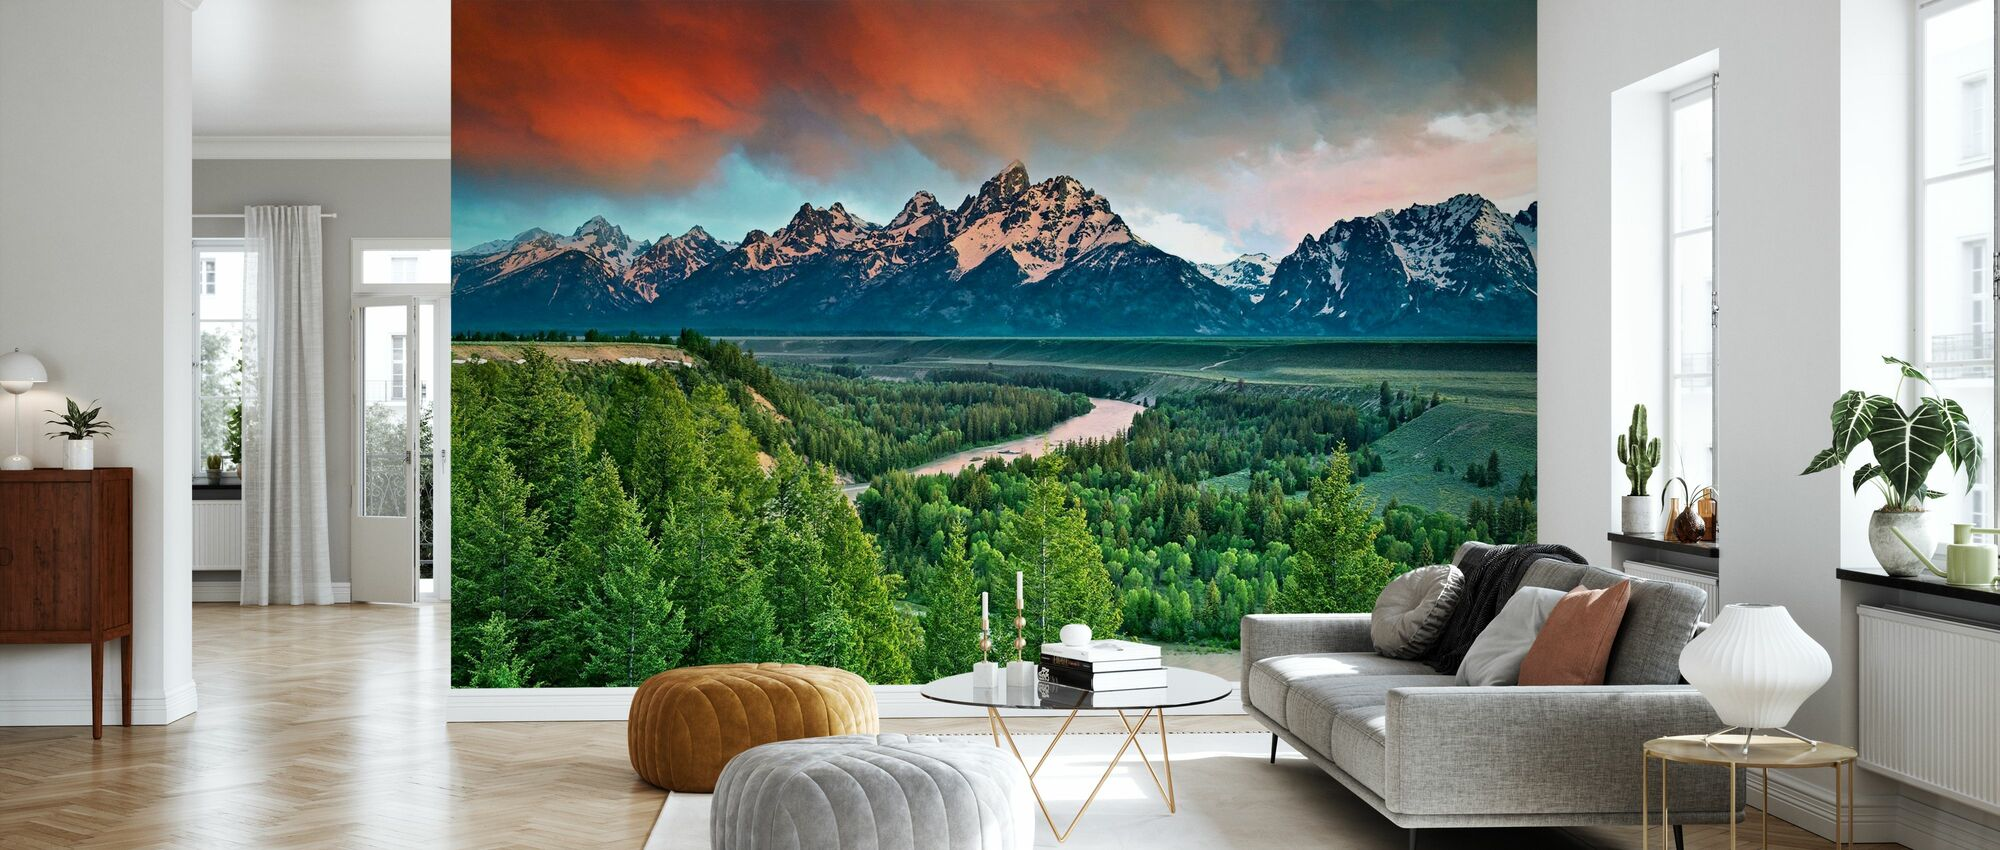 Snake River - Wallpaper - Living Room